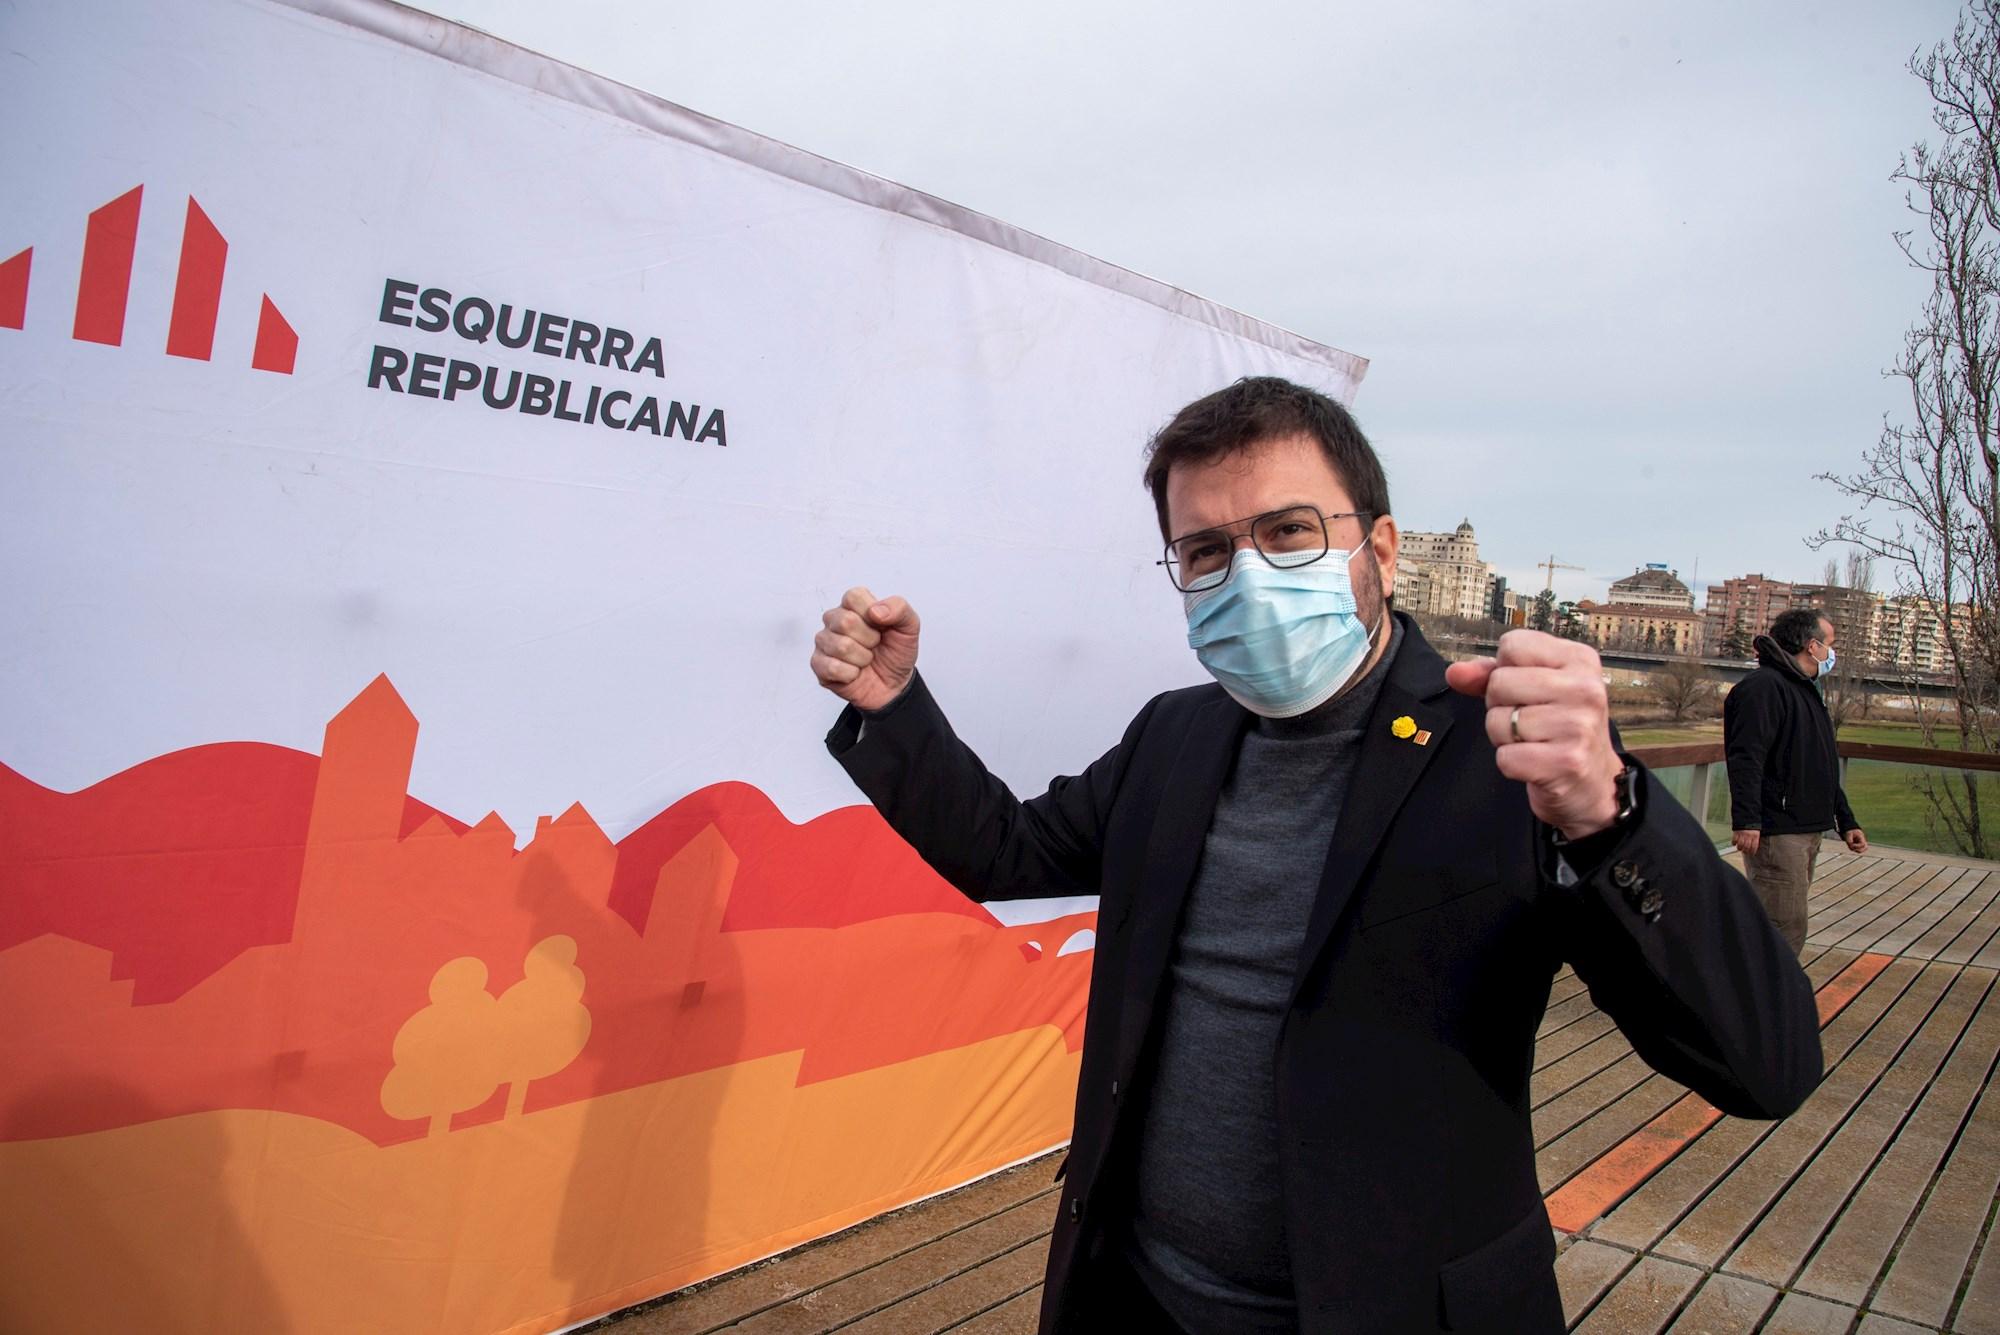 El vicepresidente del Govern en funciones de presidente, Pere Aragonès, en un acto preelectoral de ERC en Lleida, el 23 de enero de 2021 | EFE/RG/Archivo